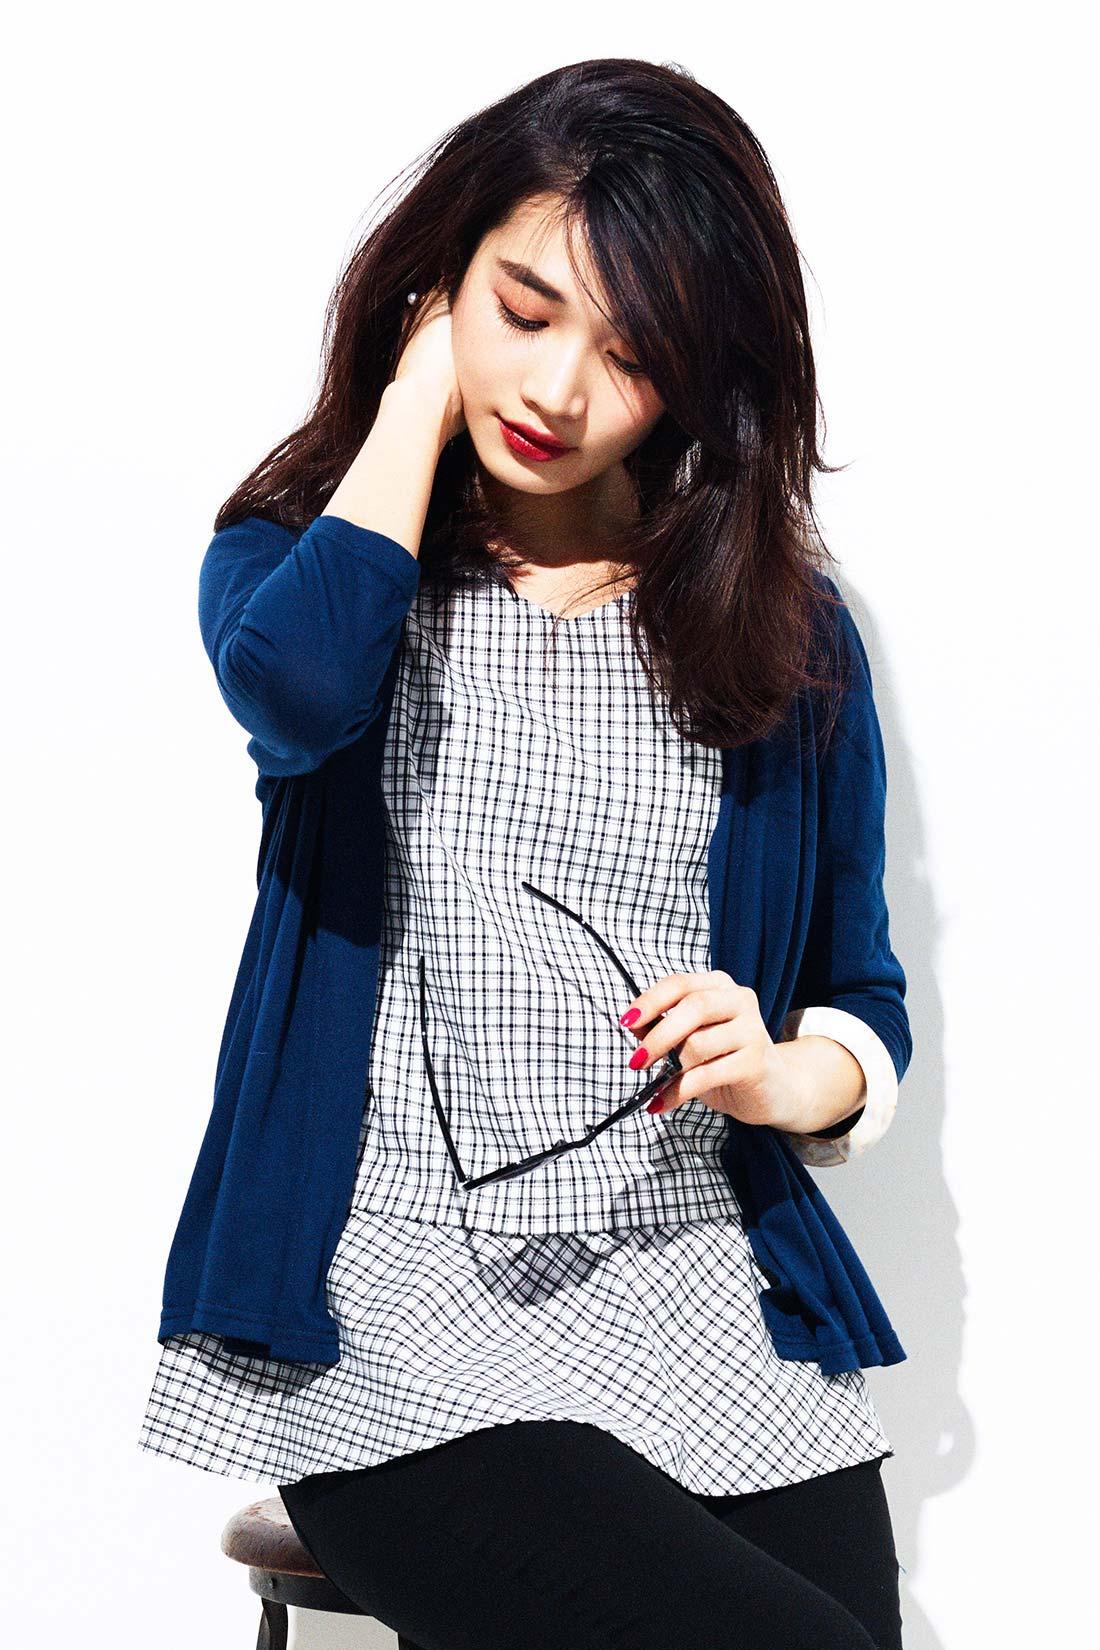 華やぎと体形カバーをかなえるセットだから、シンプルなボトムスに合わせるだけで、美人コーデが完成! ※着用イメージです。お届けするカラーとは異なります。